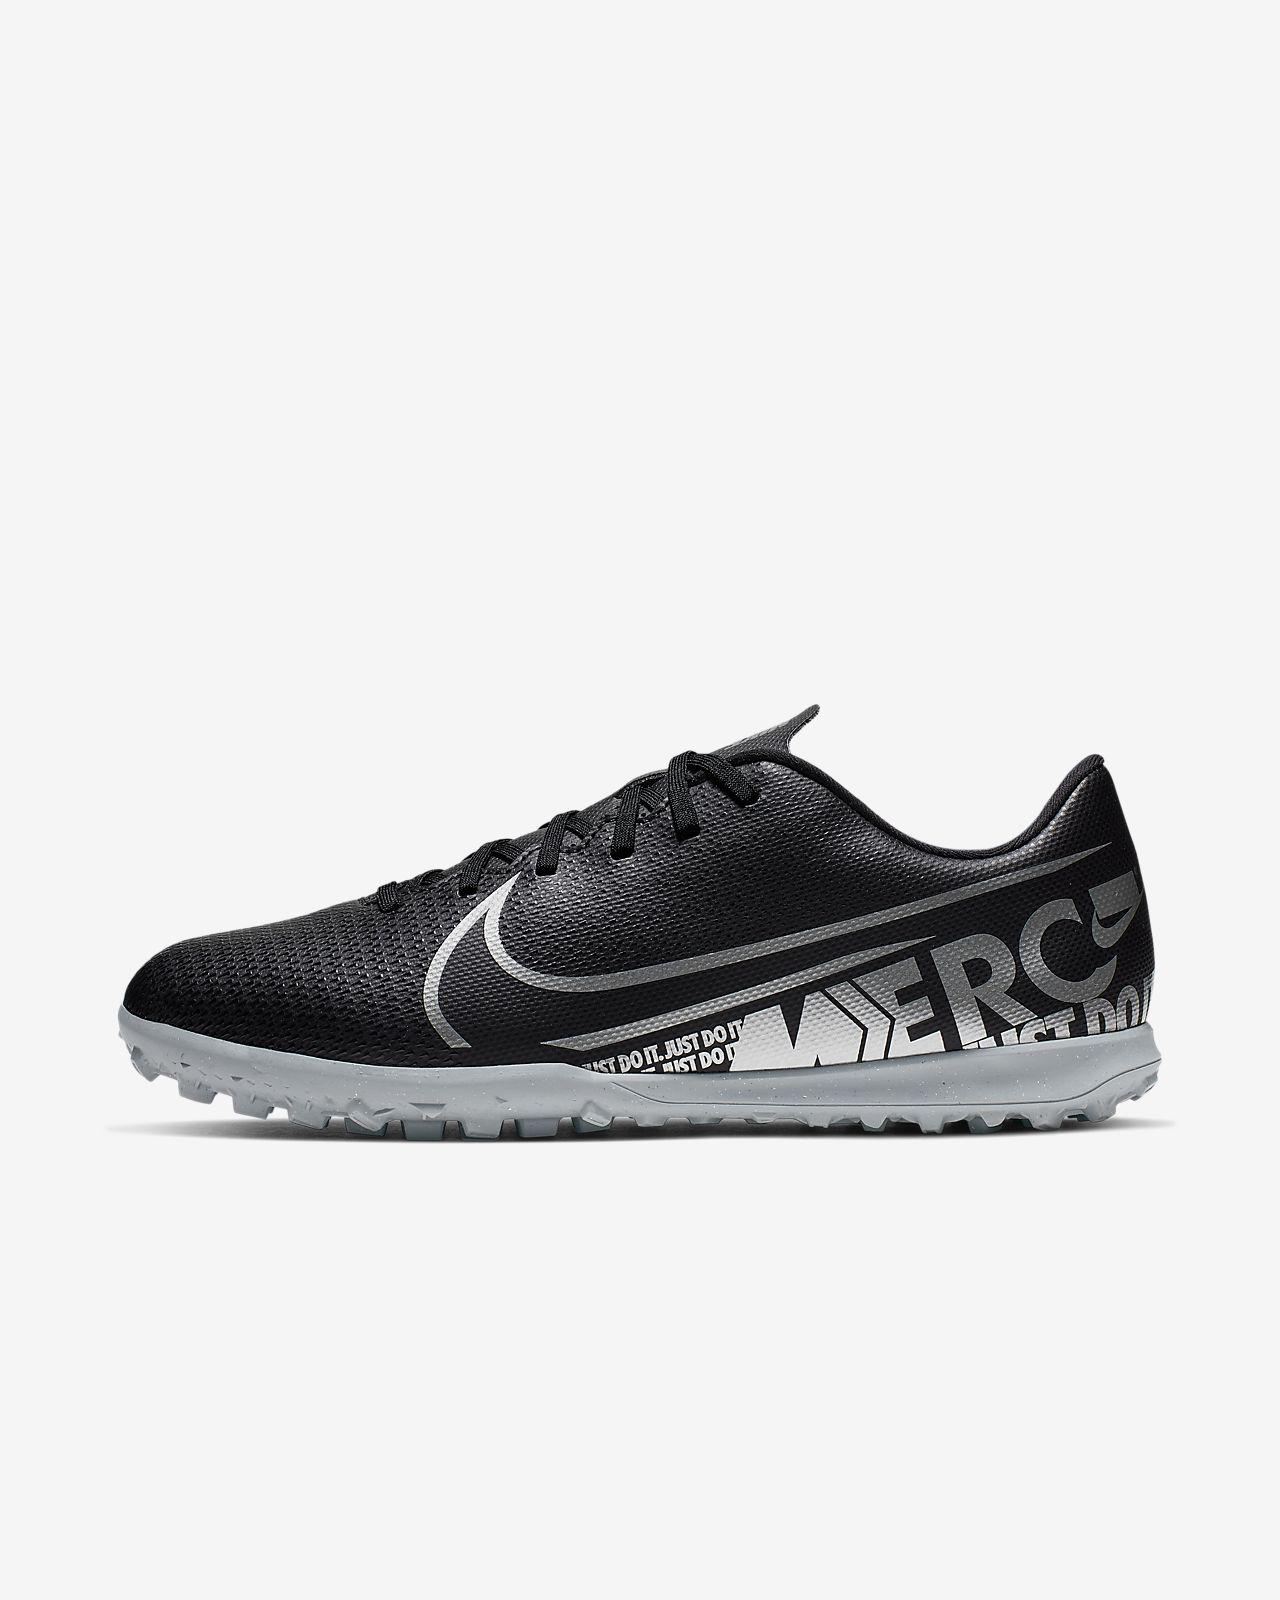 Calzado de fútbol para césped deportivo artificial Nike Mercurial Vapor 13 Club TF